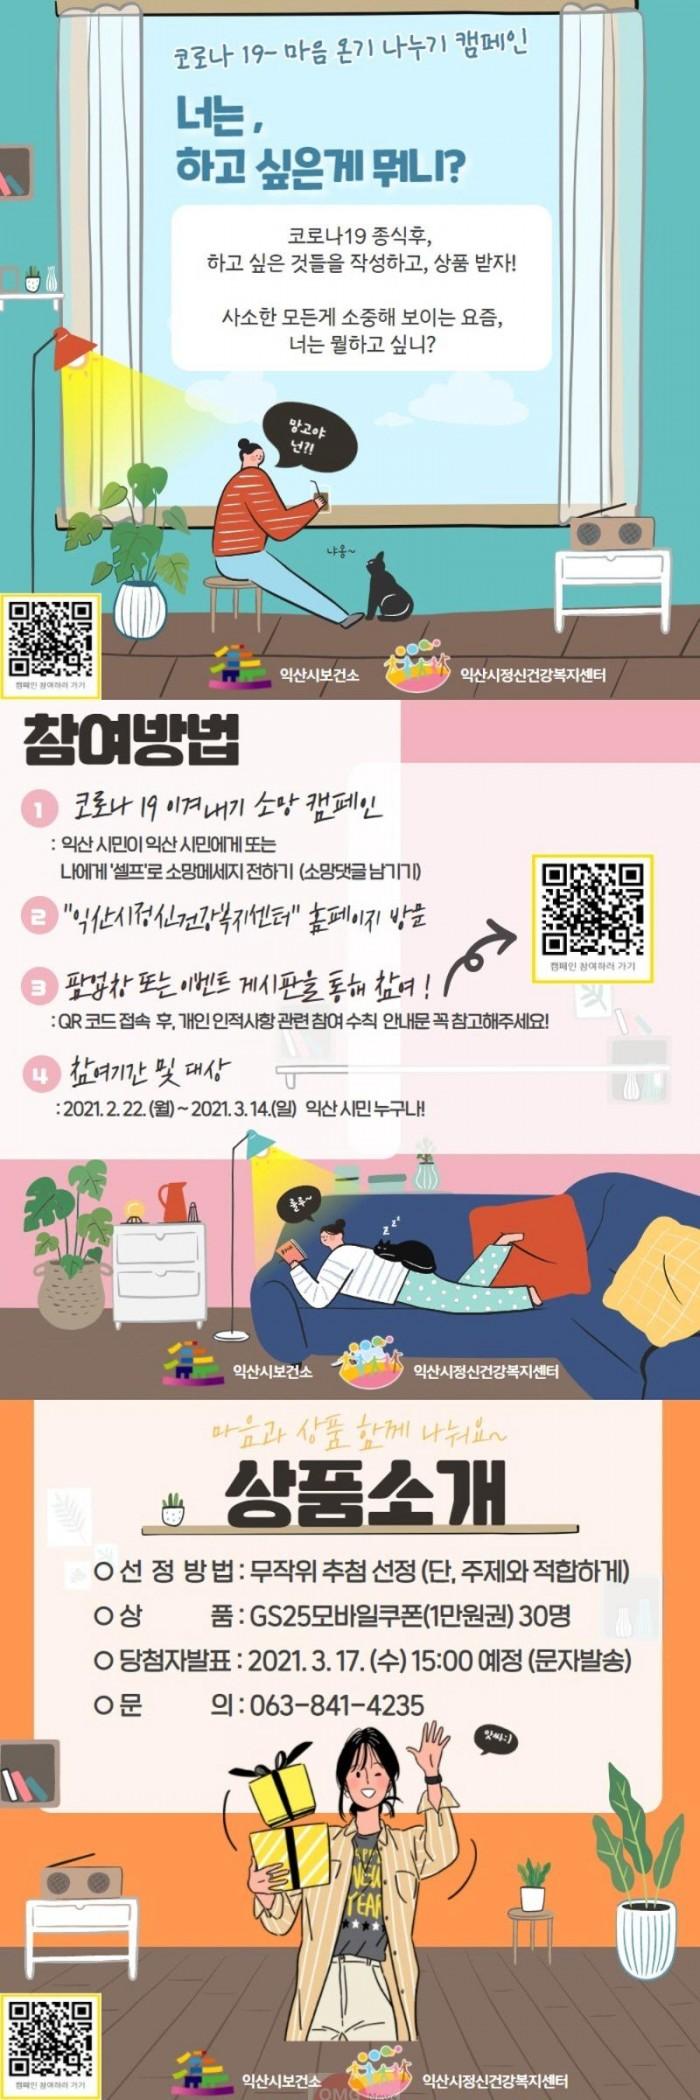 코로나19 마음 온기 나누기 캠페인(포스터).jpg